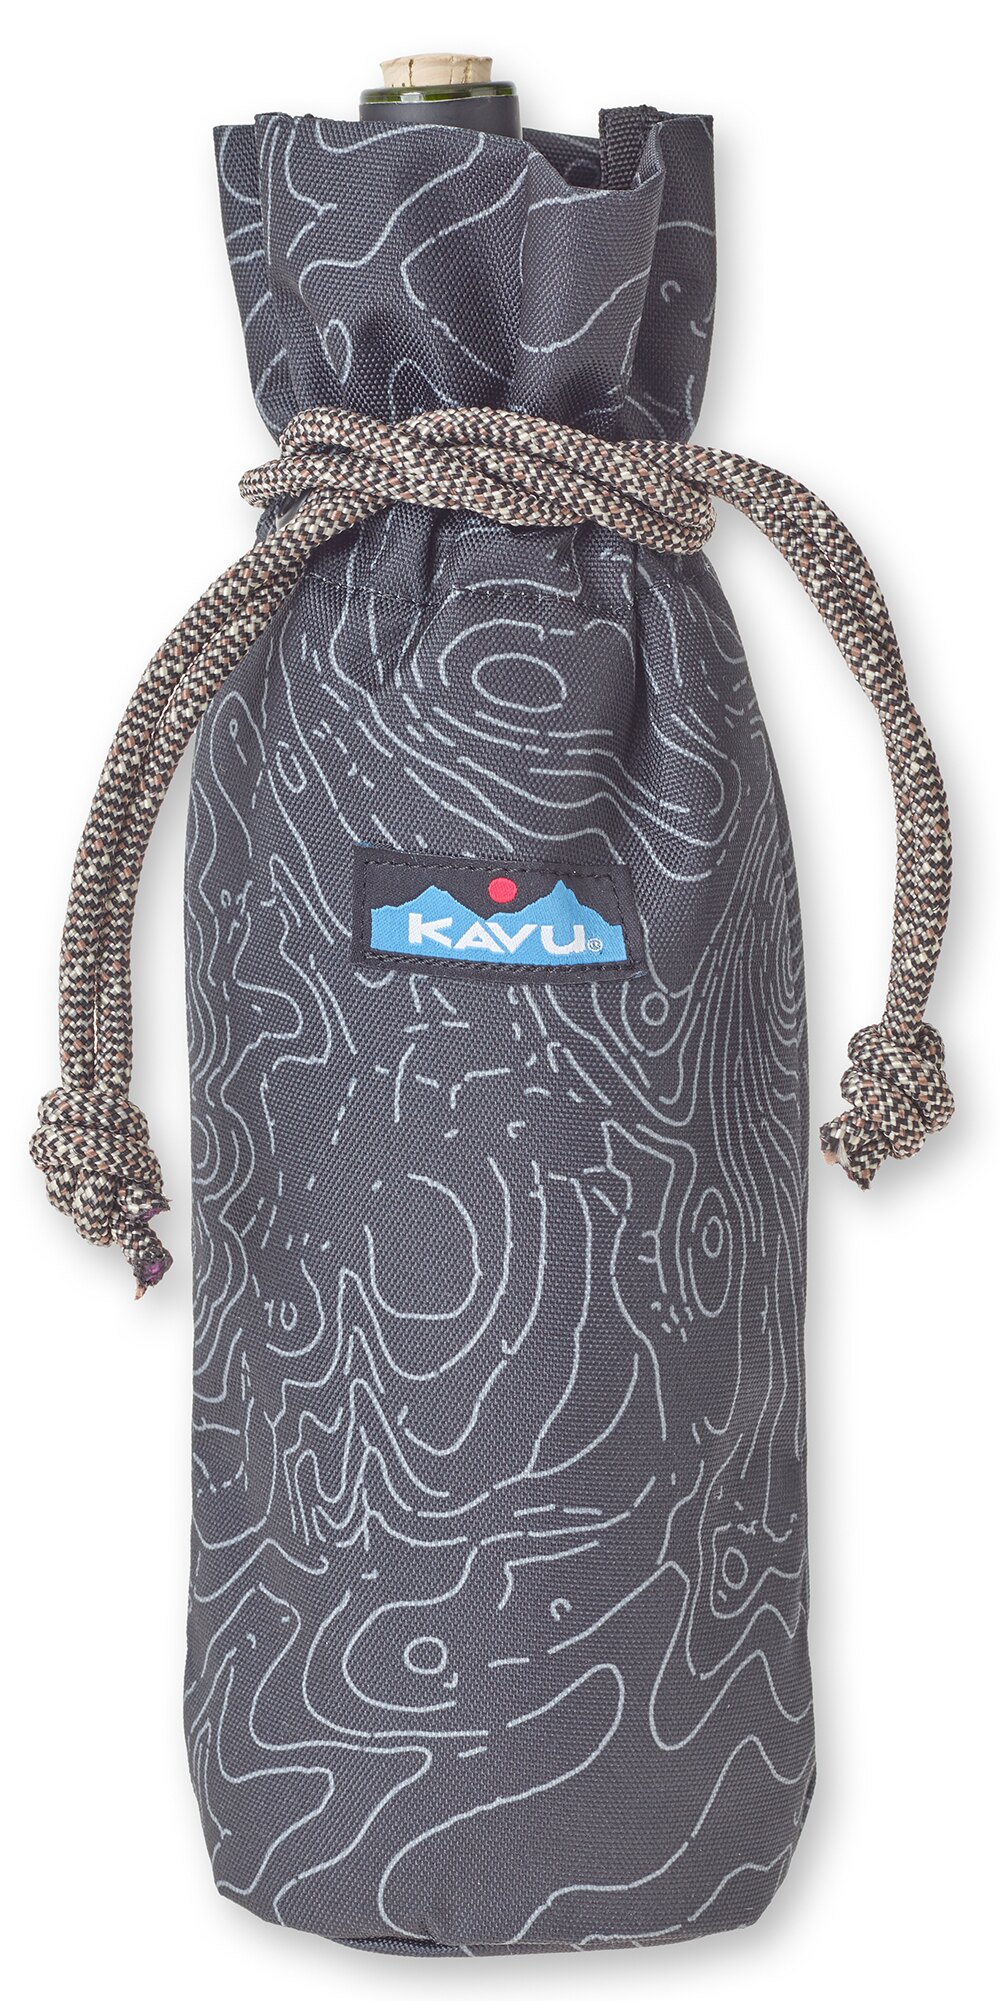 ├登山樂┤美國西雅圖KAVU Napa Sack 休閒拉繩提袋/水瓶袋 黑色等高線#9063(437)